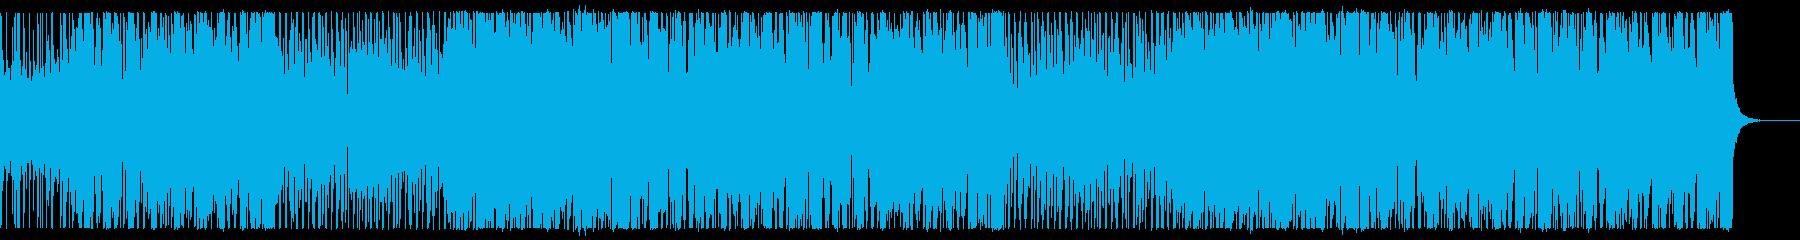 オシャレで都会的なジャズファンクの再生済みの波形